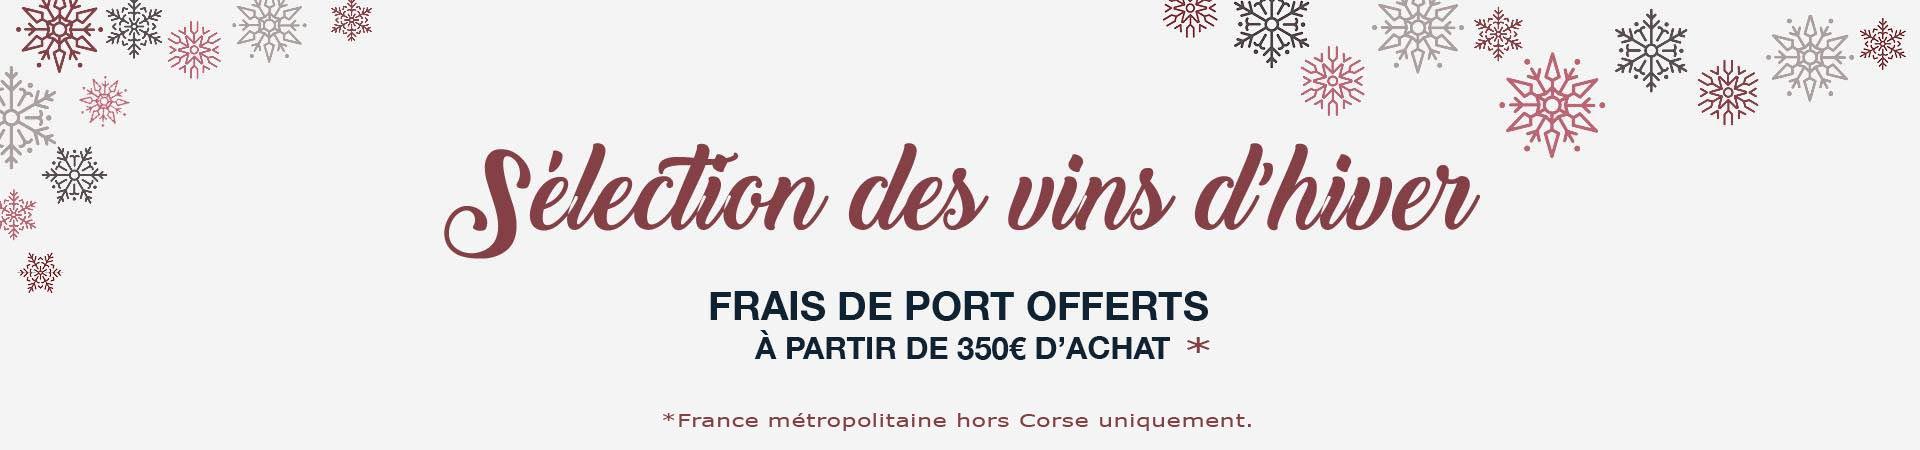 Sélection de vins d'hivers